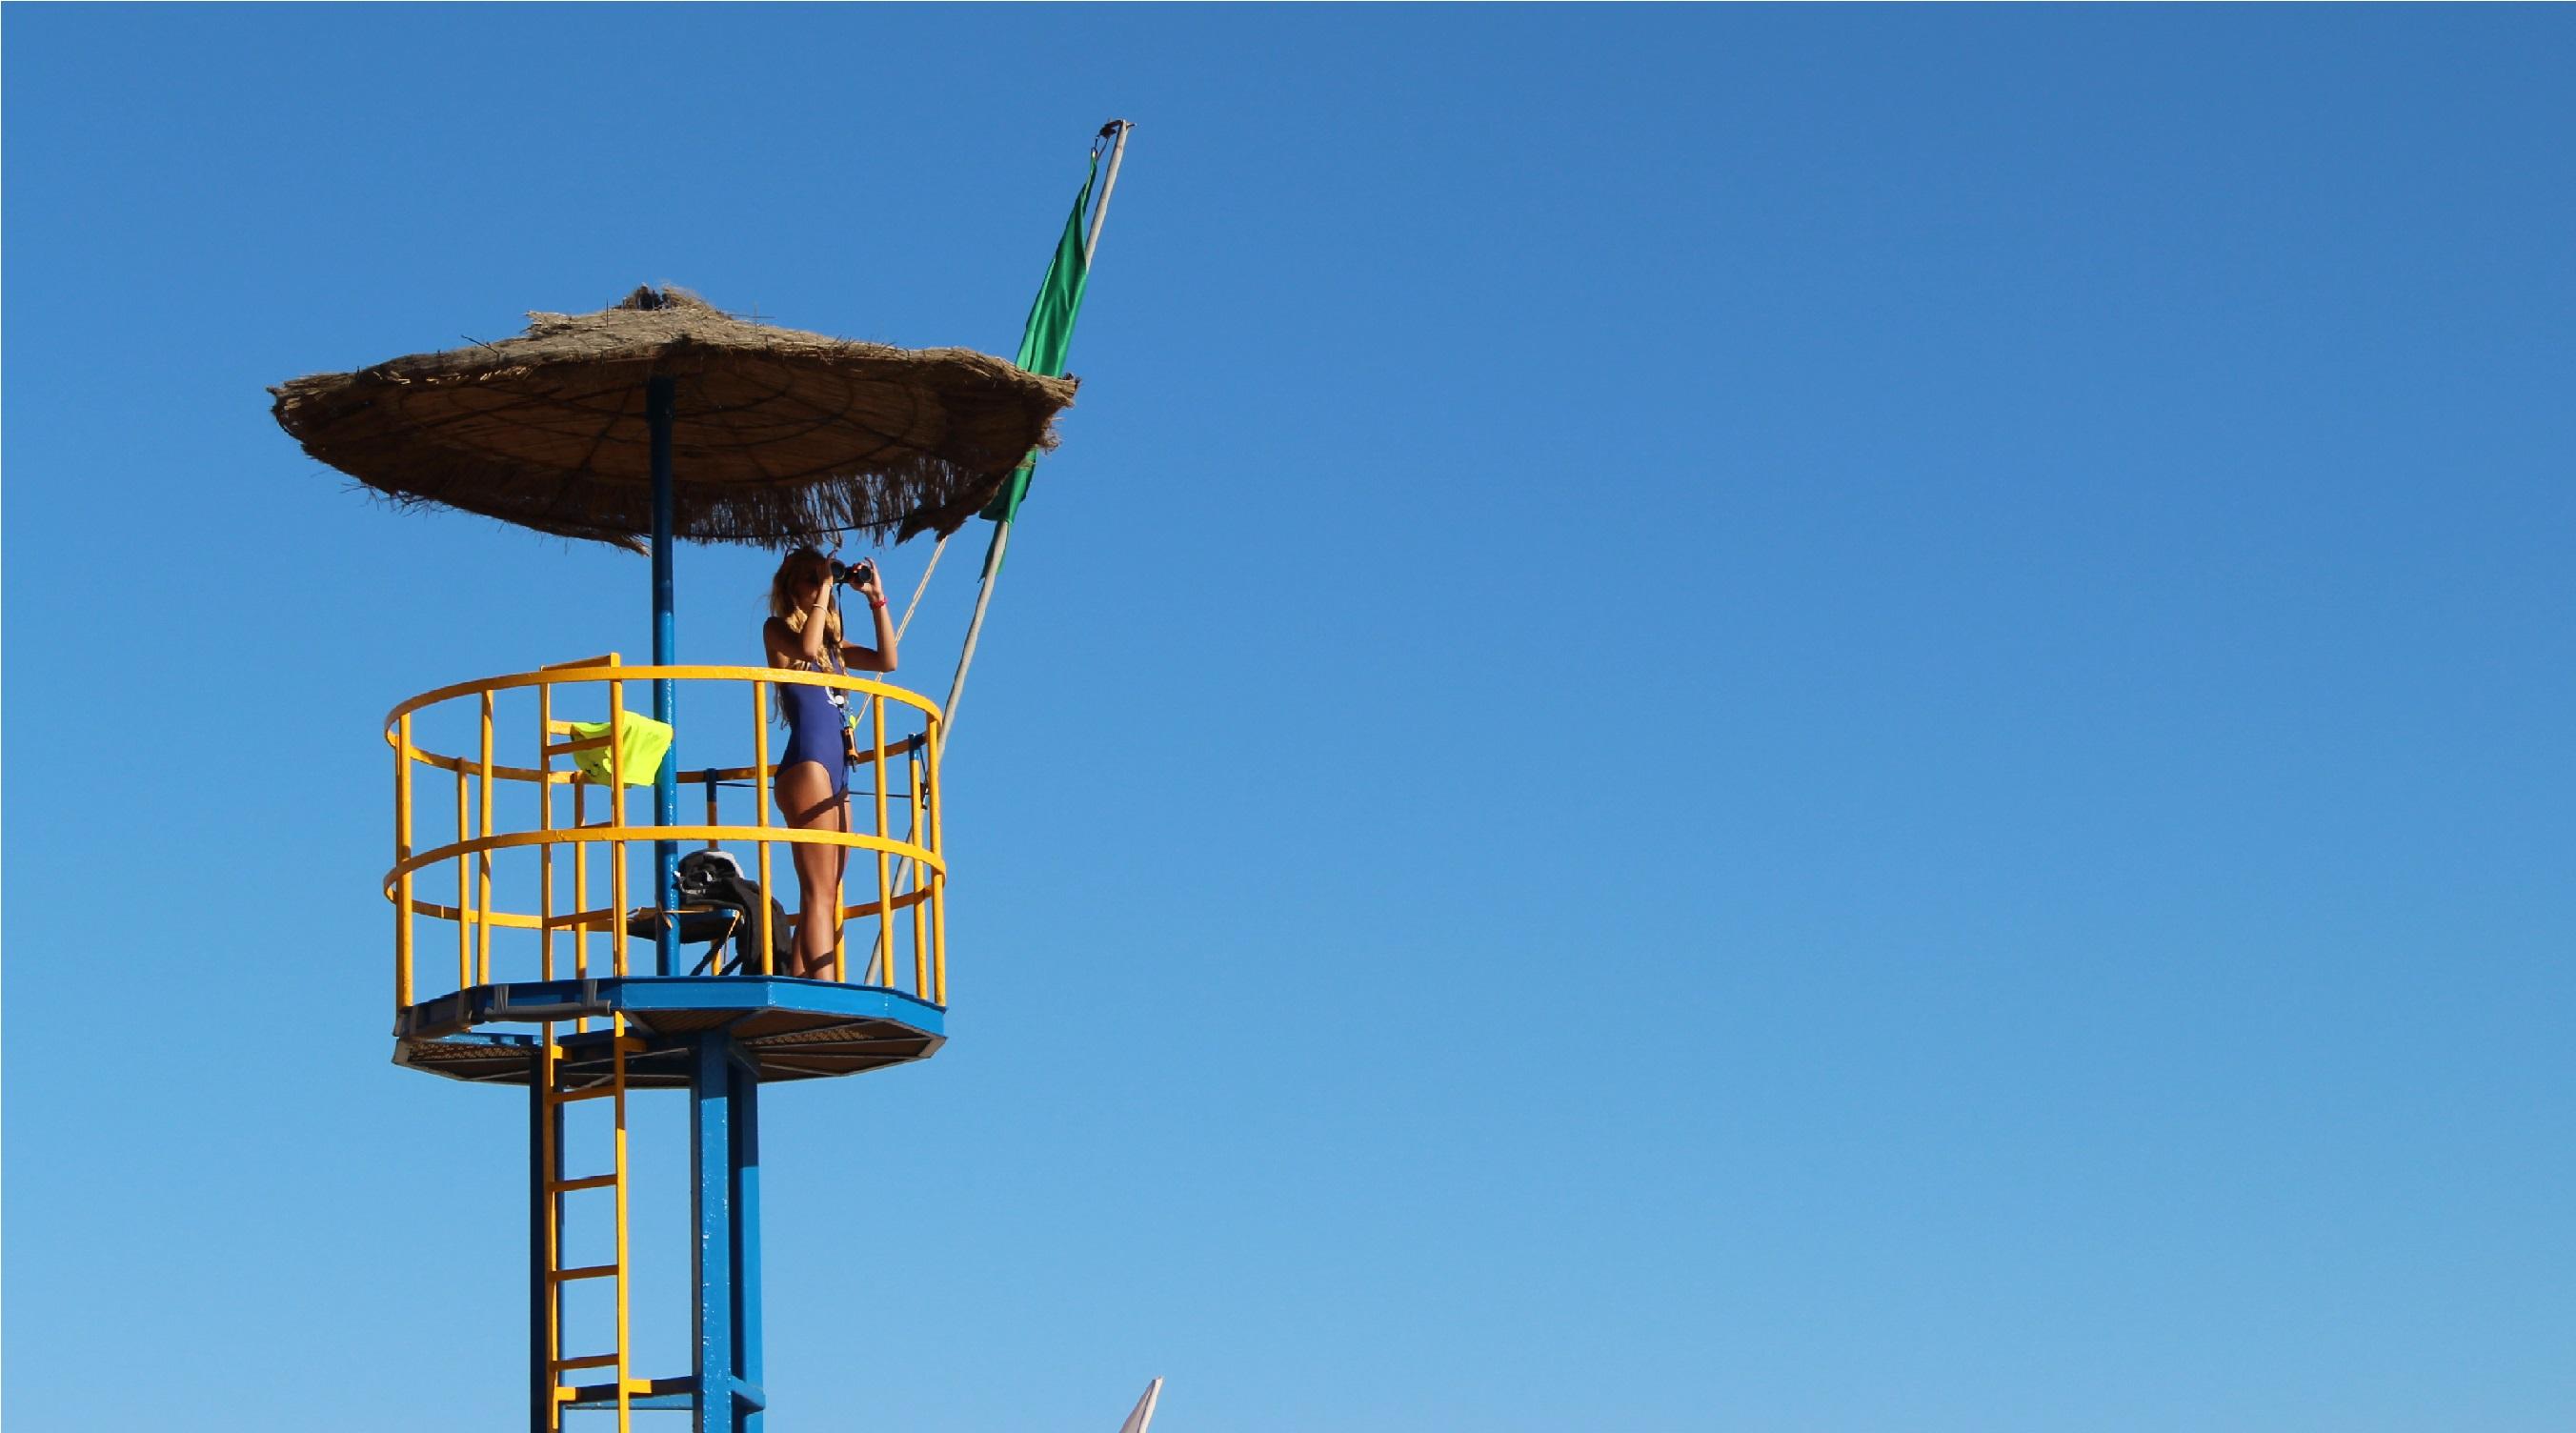 Playa del Parador4 / M. Bautista